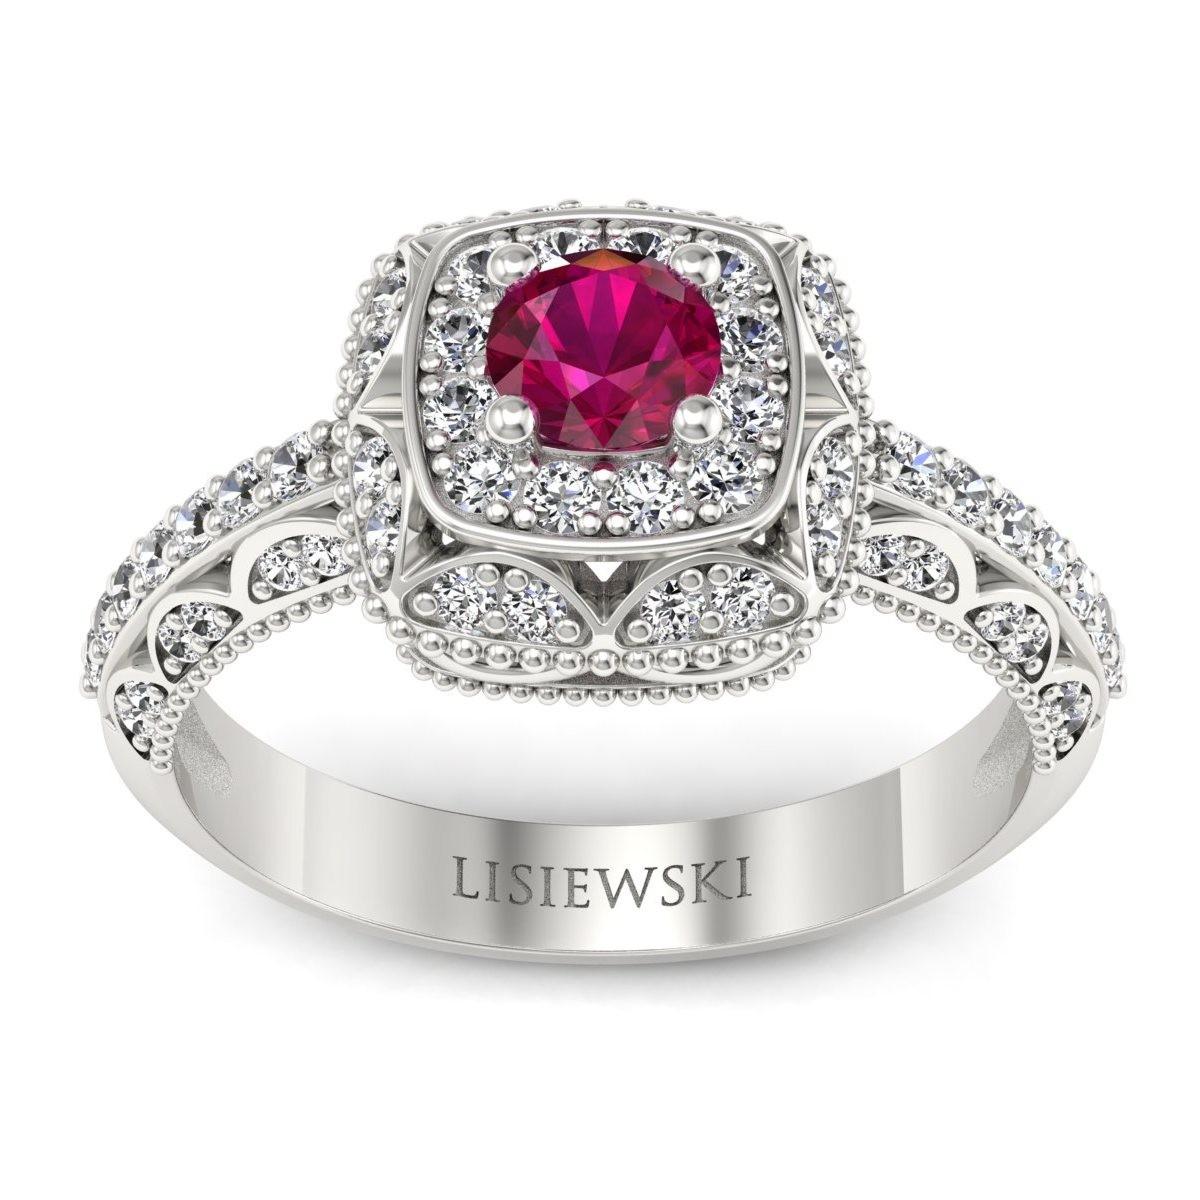 Elizabeth - Pierścionek z rubinem i diamentami